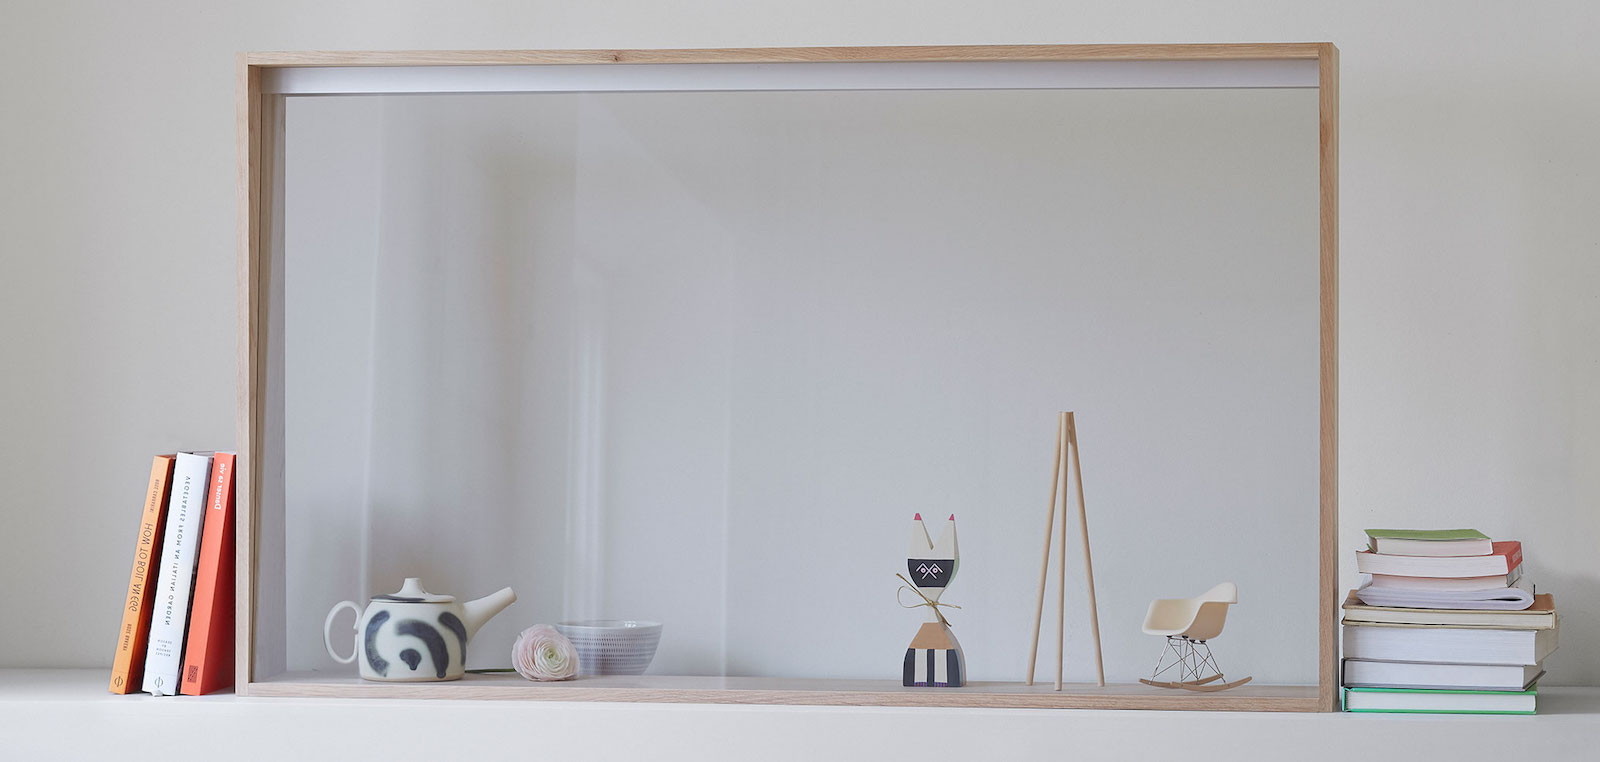 Panasonic vyvinul transparentní, integrovanou televizní obrazovku